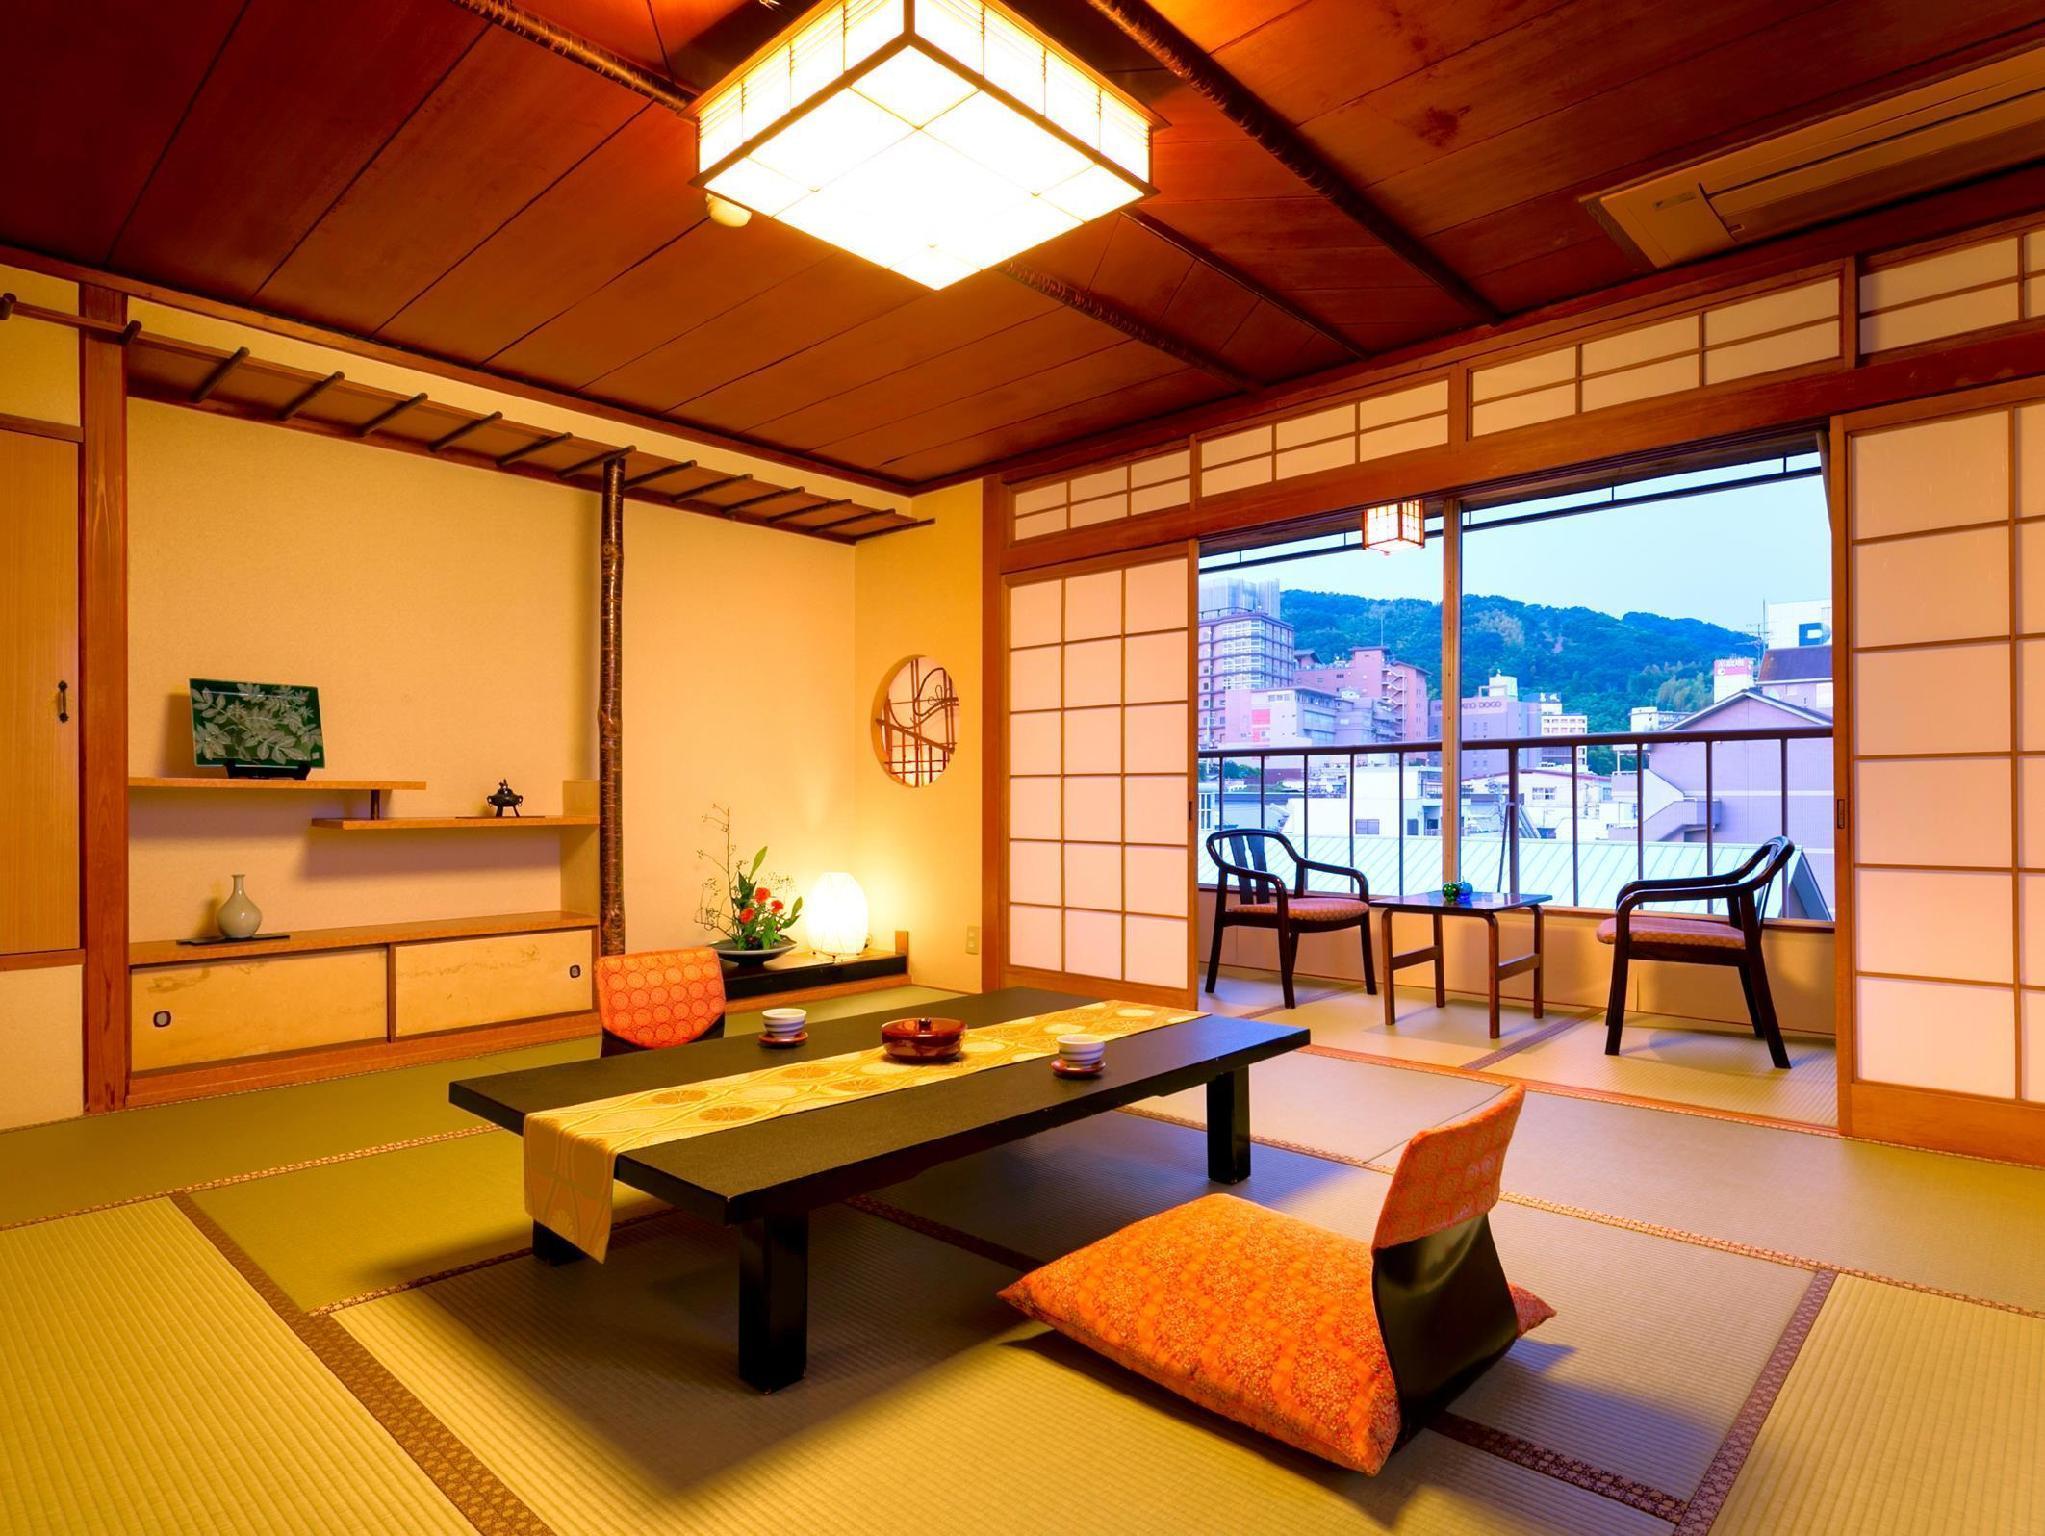 Objectif Zero Dechet Salle De Bain ~ dogo onsen dogo grand hotel matsuyama offres sp ciales pour cet h tel